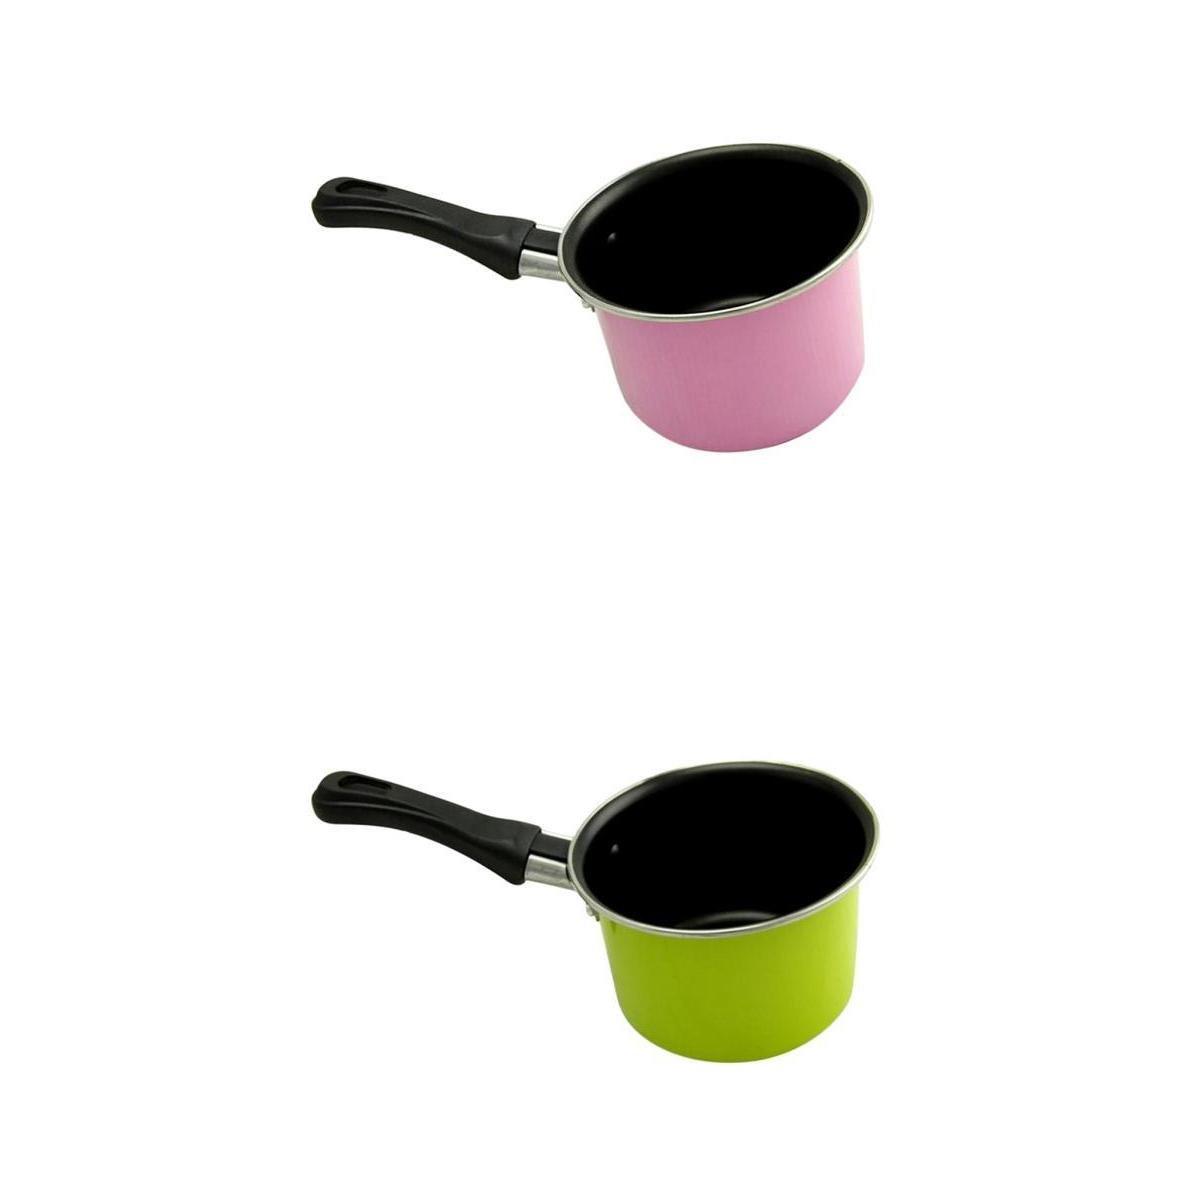 MagiDeal 2 Piece Mini Metal Saucepan Milk Warming Pot Induction Cooking Pot Small Pan